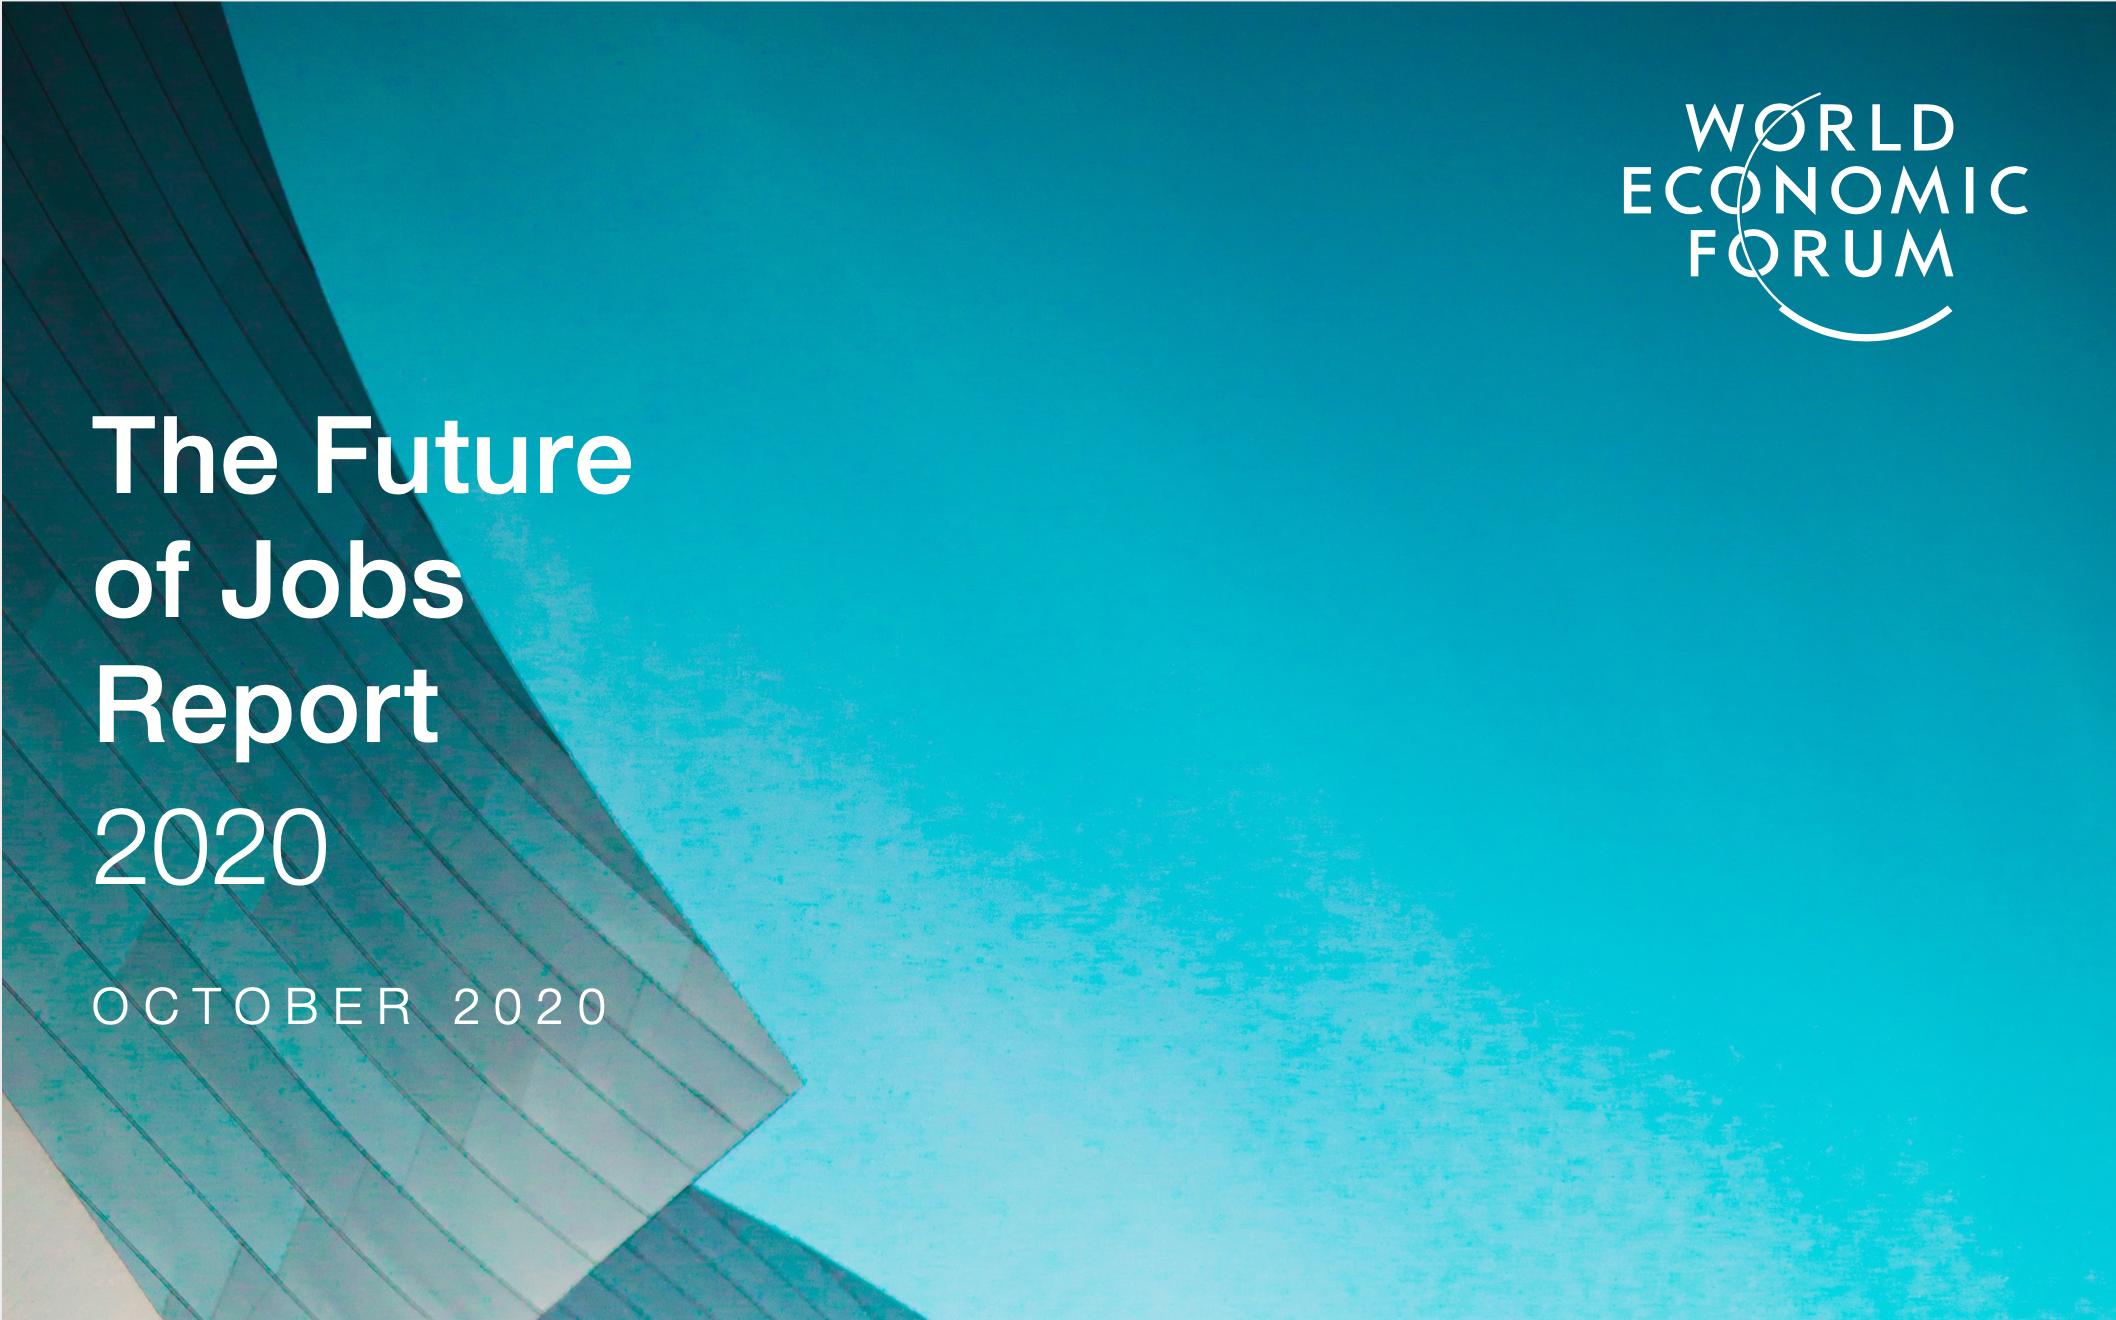 2025'e Yaklaşırken Geleceğin Mesleklerine Hazır mısınız?